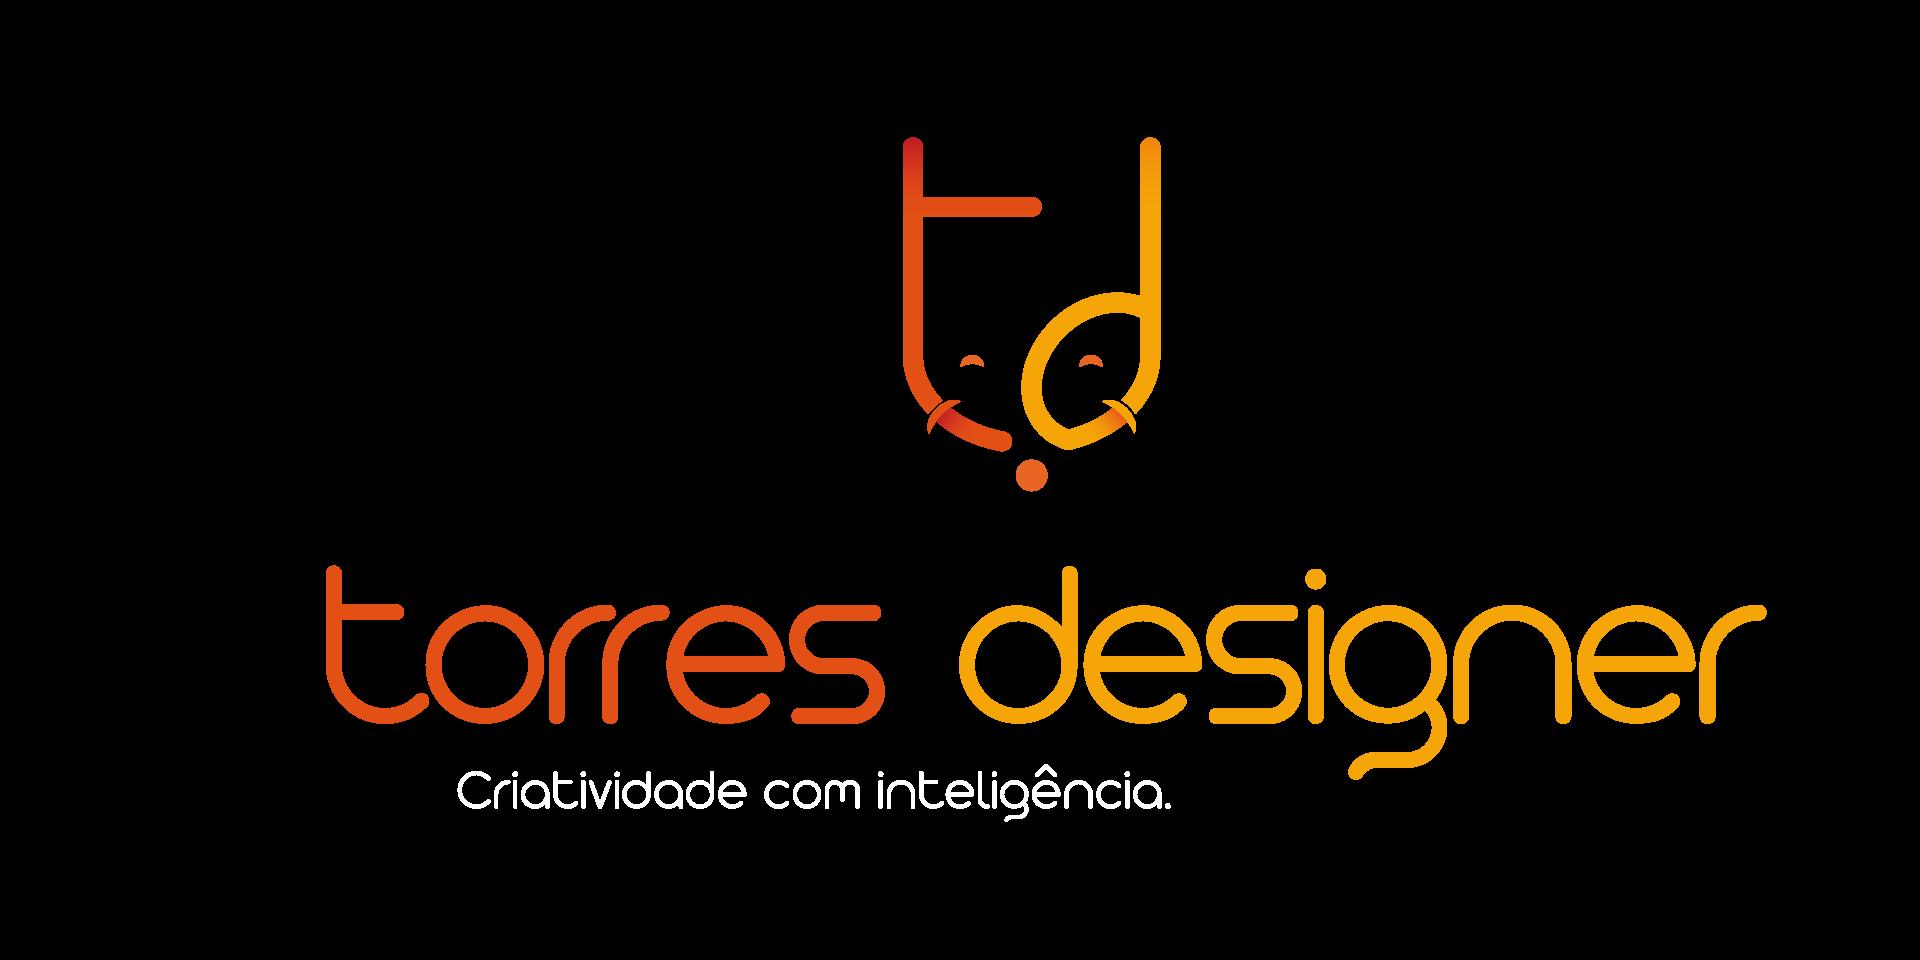 Torres Designer